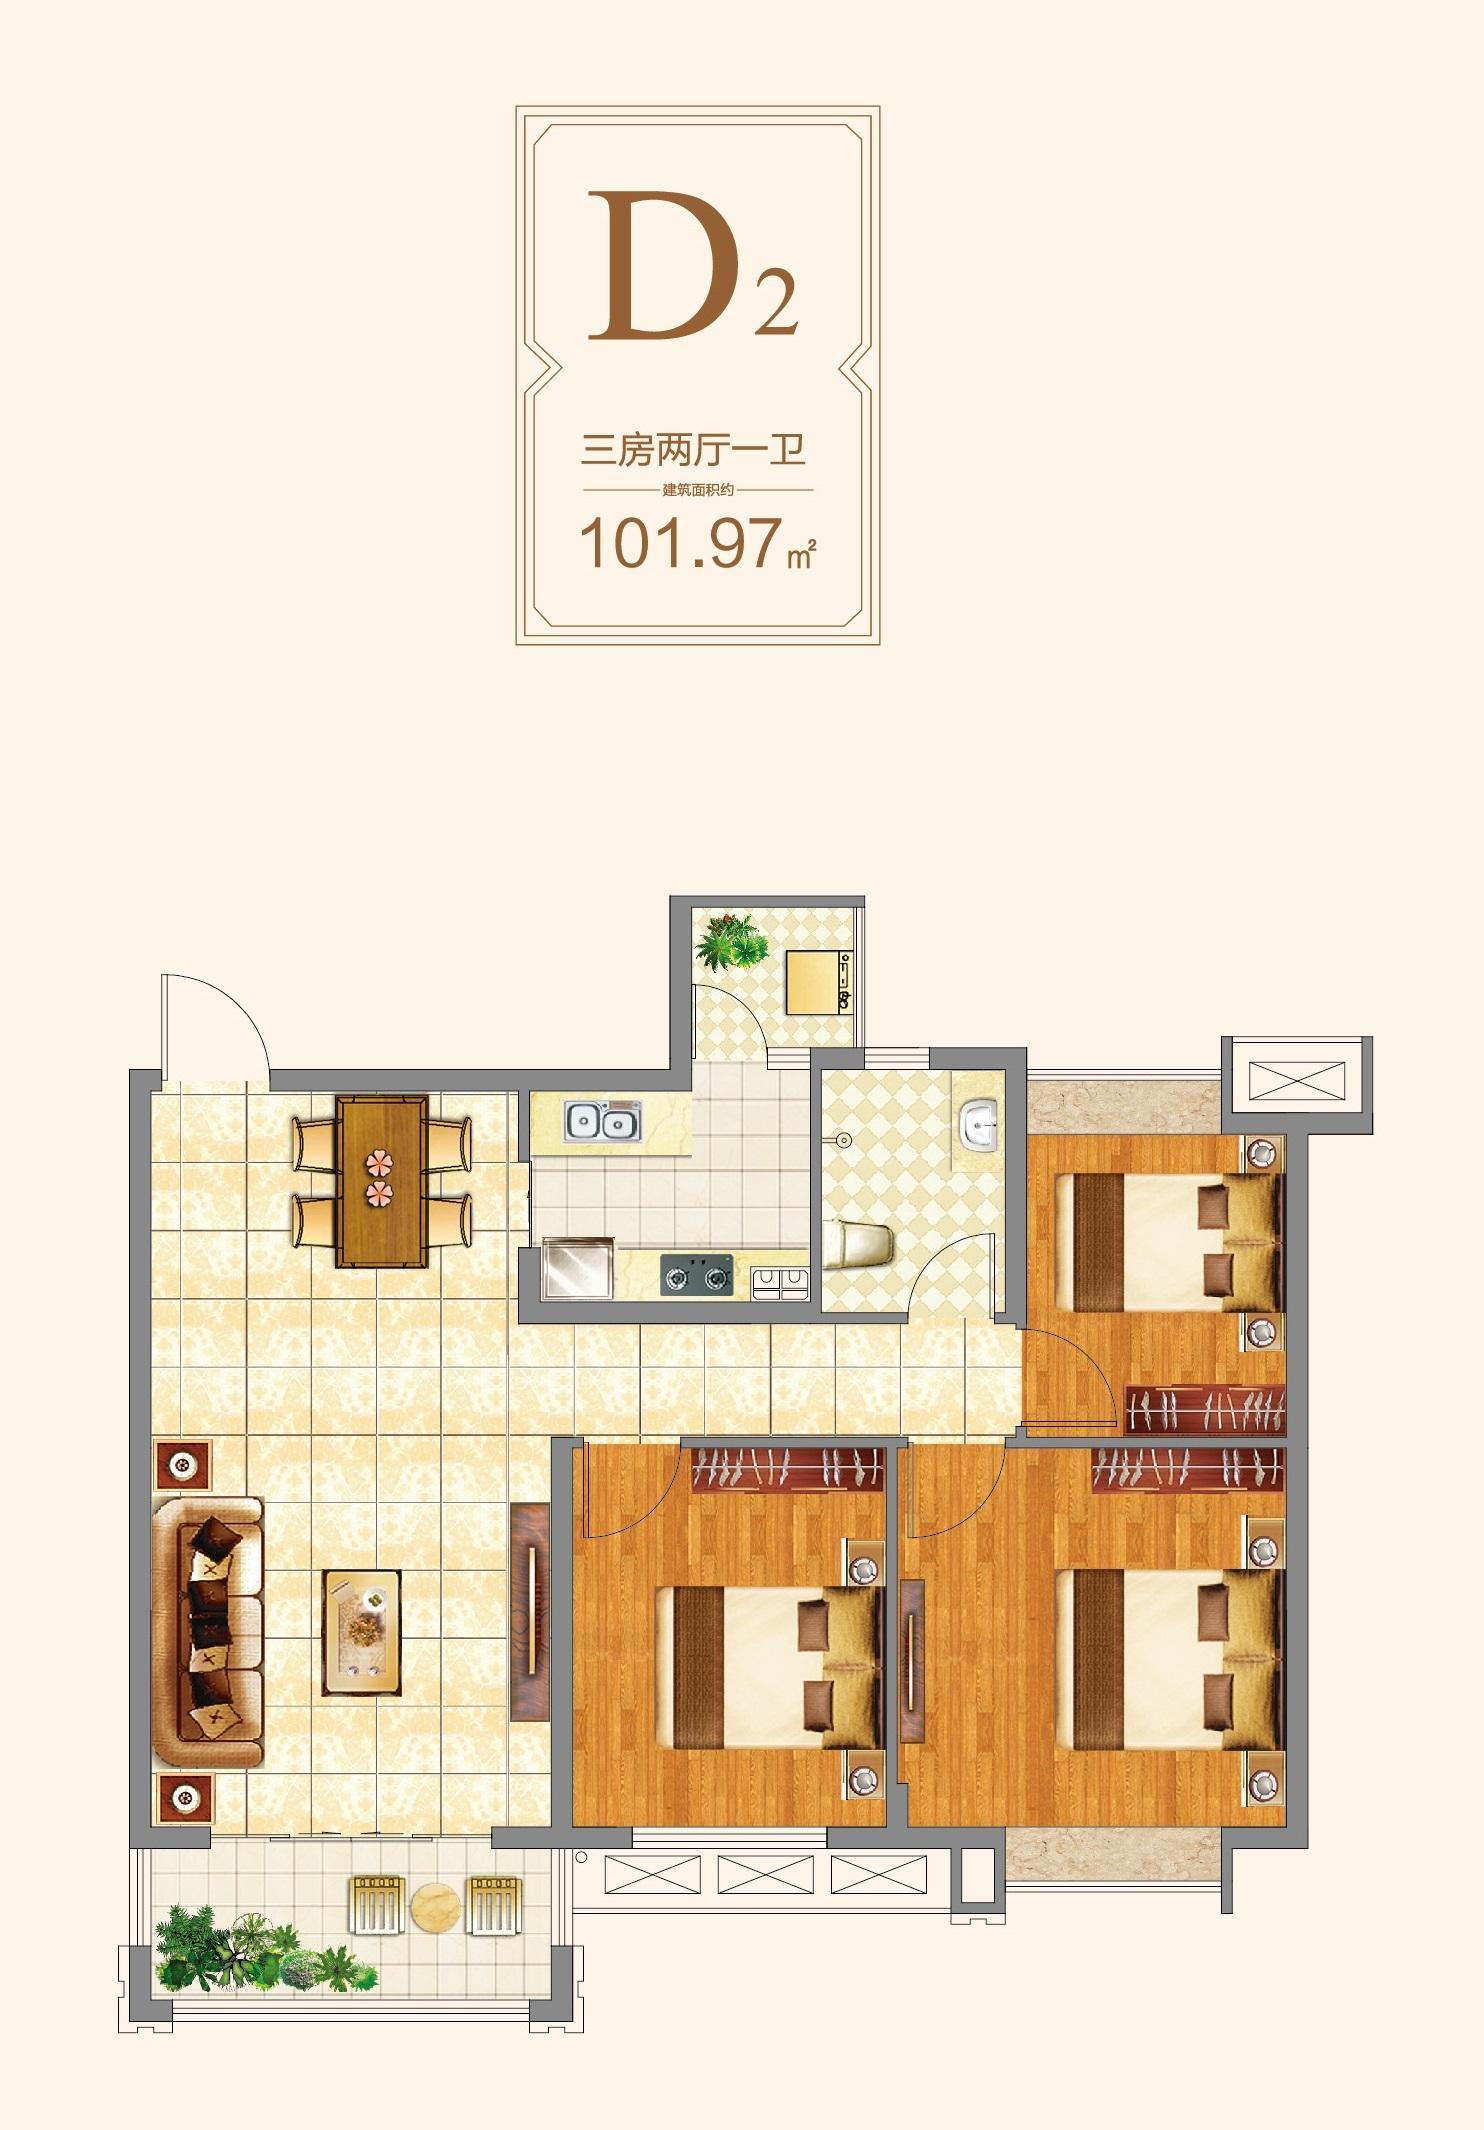 信德悦城D2户型图-101.97